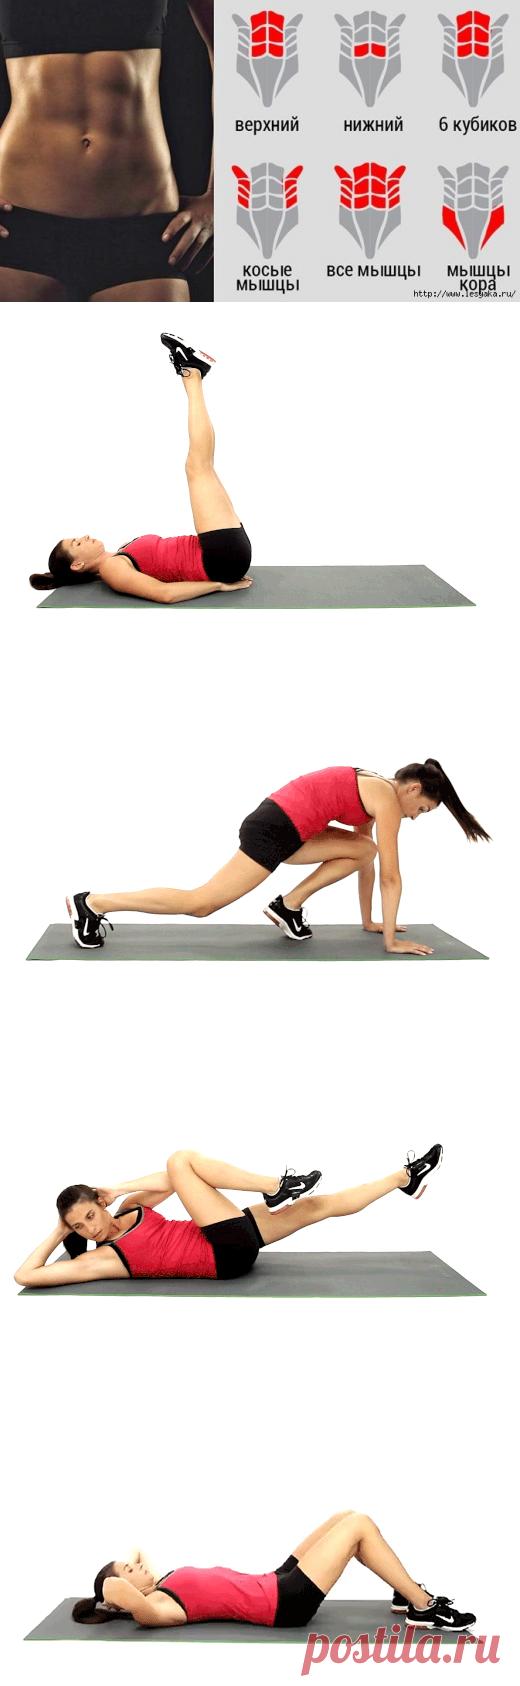 5 простых упражнений, которые сделают живот плоским!